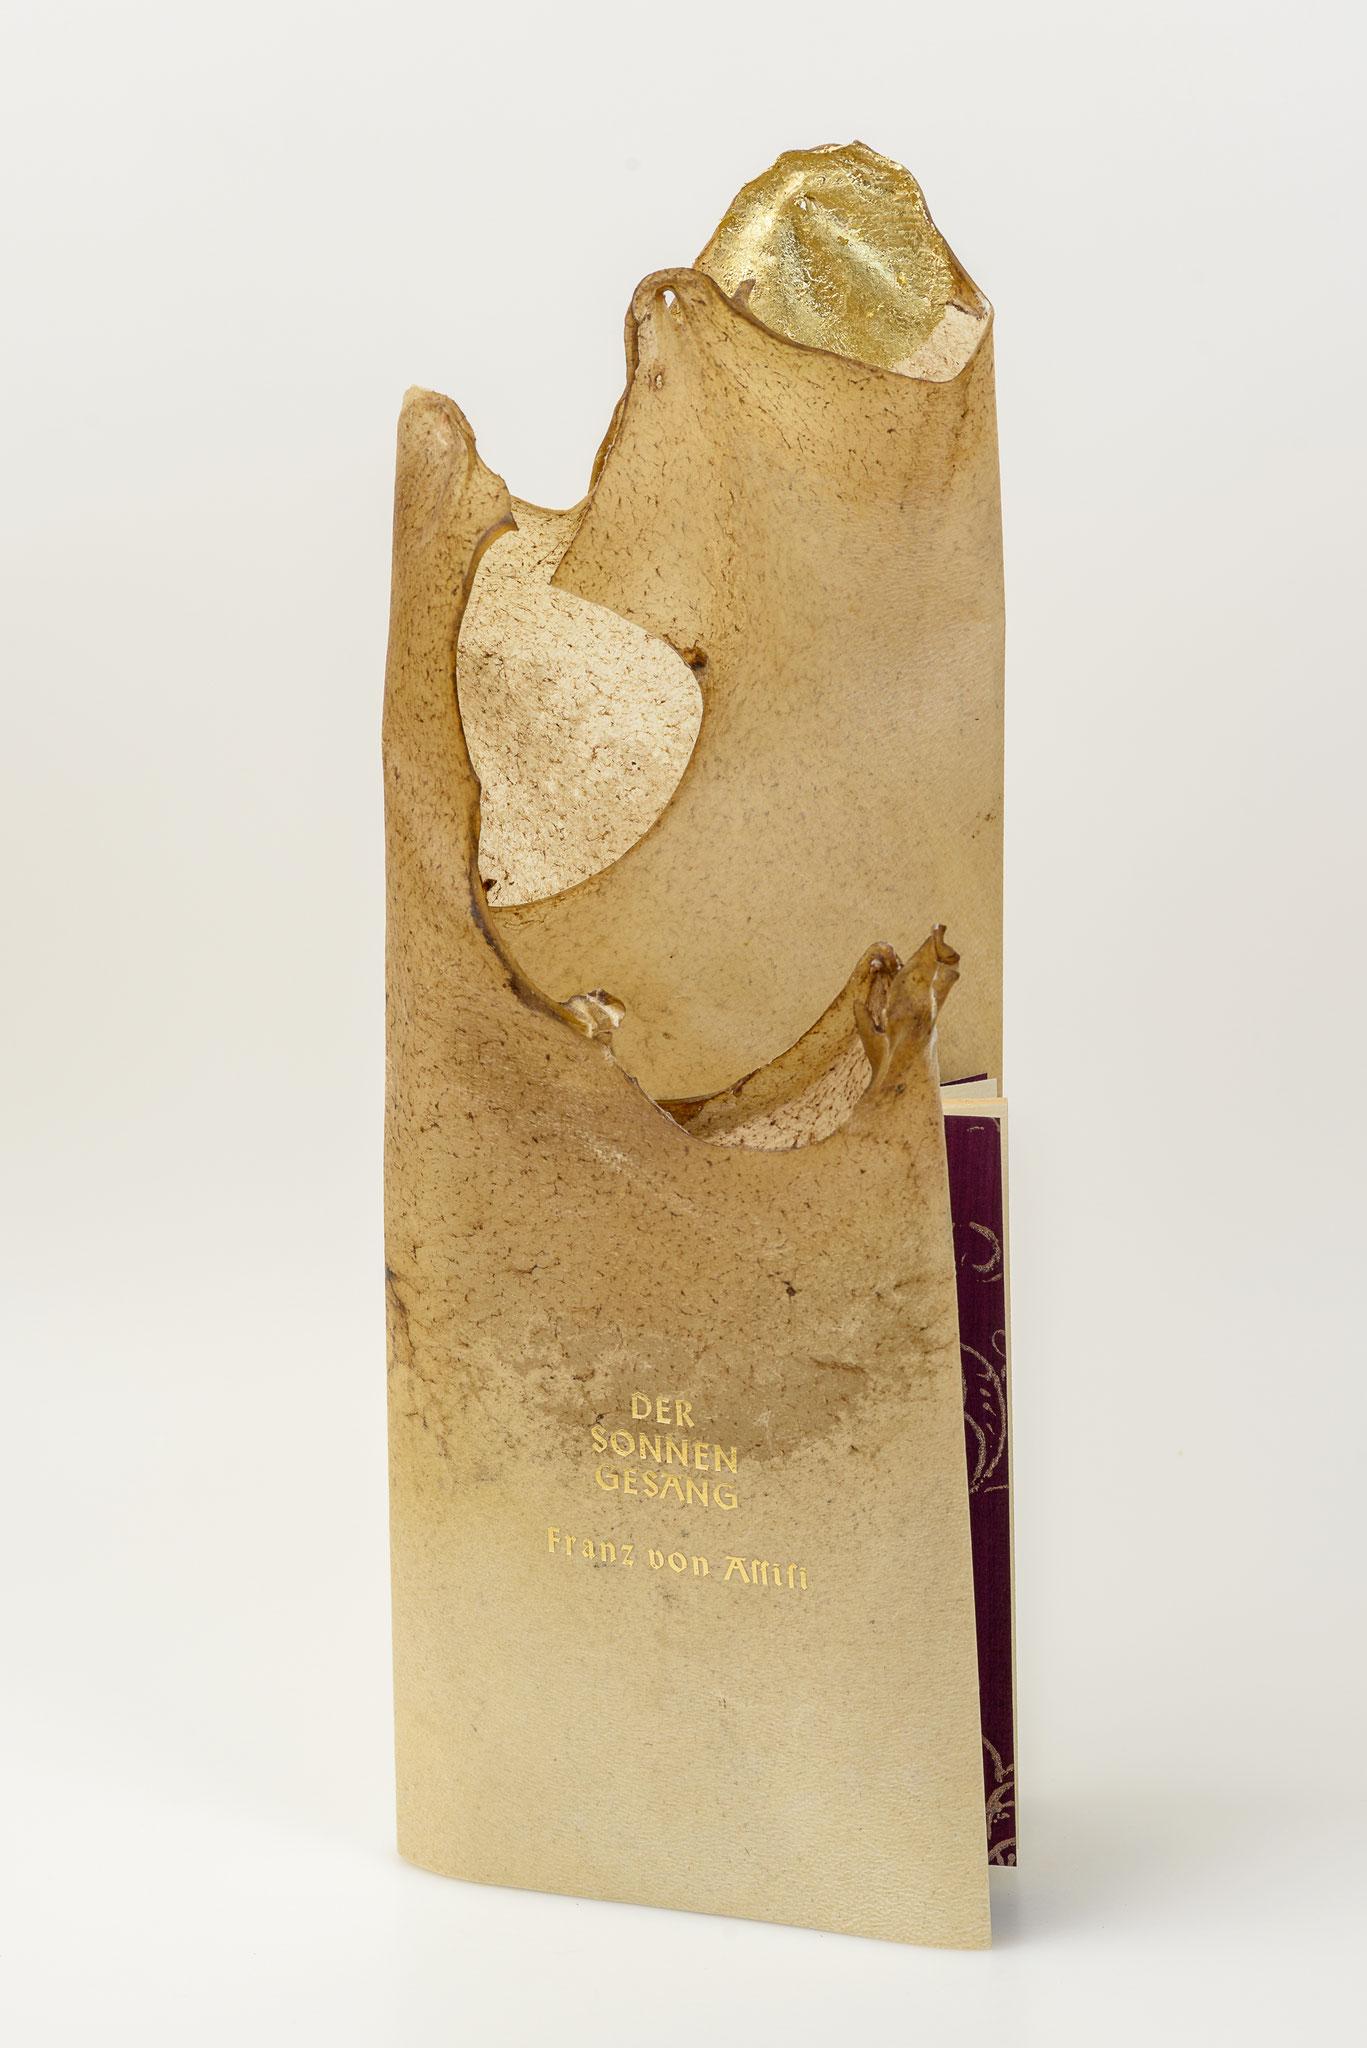 Der Sonnengesang von Franz von Assisi, Pergament Broschur mit Kaltvergoldung 490.-